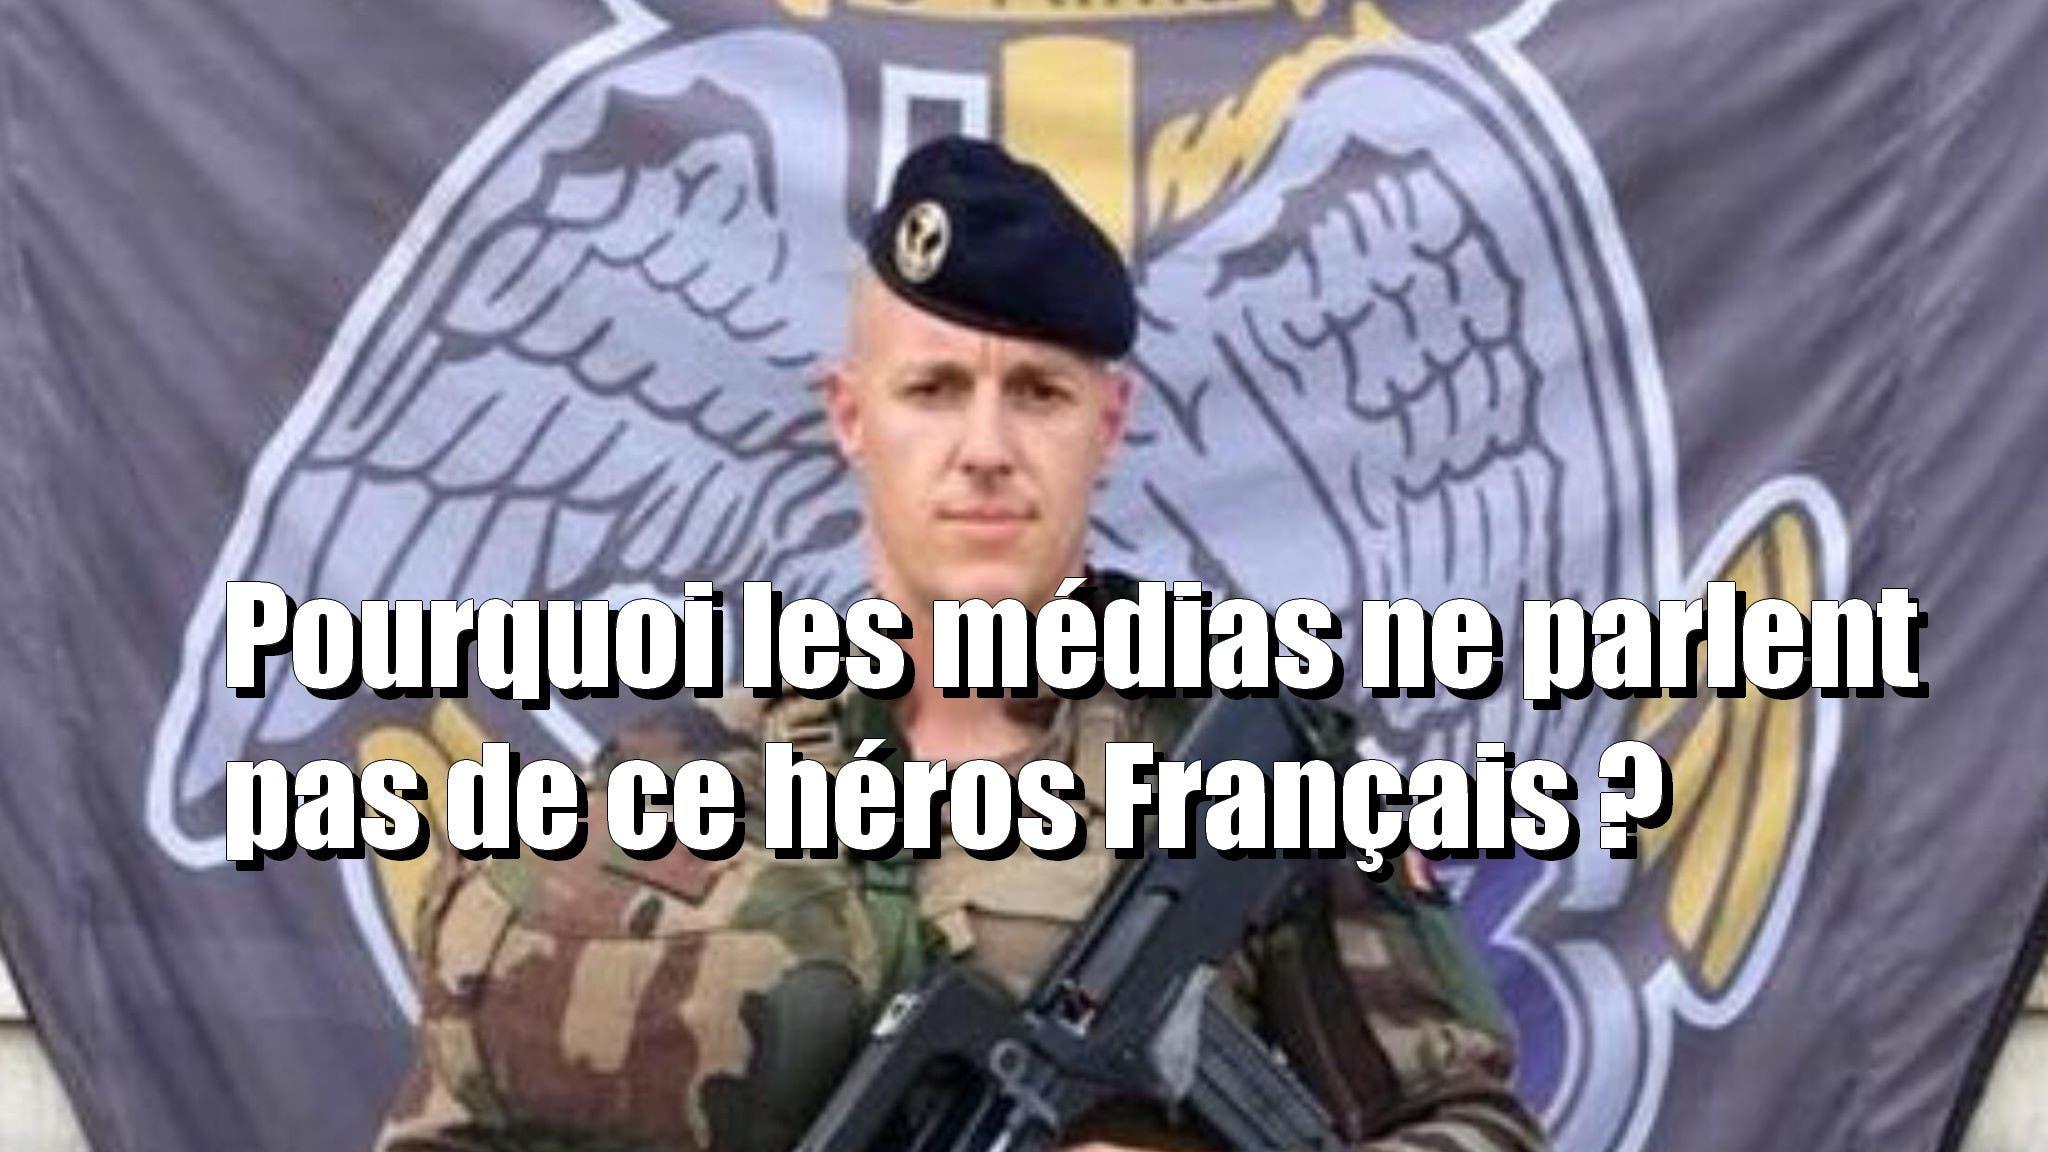 soldat français2